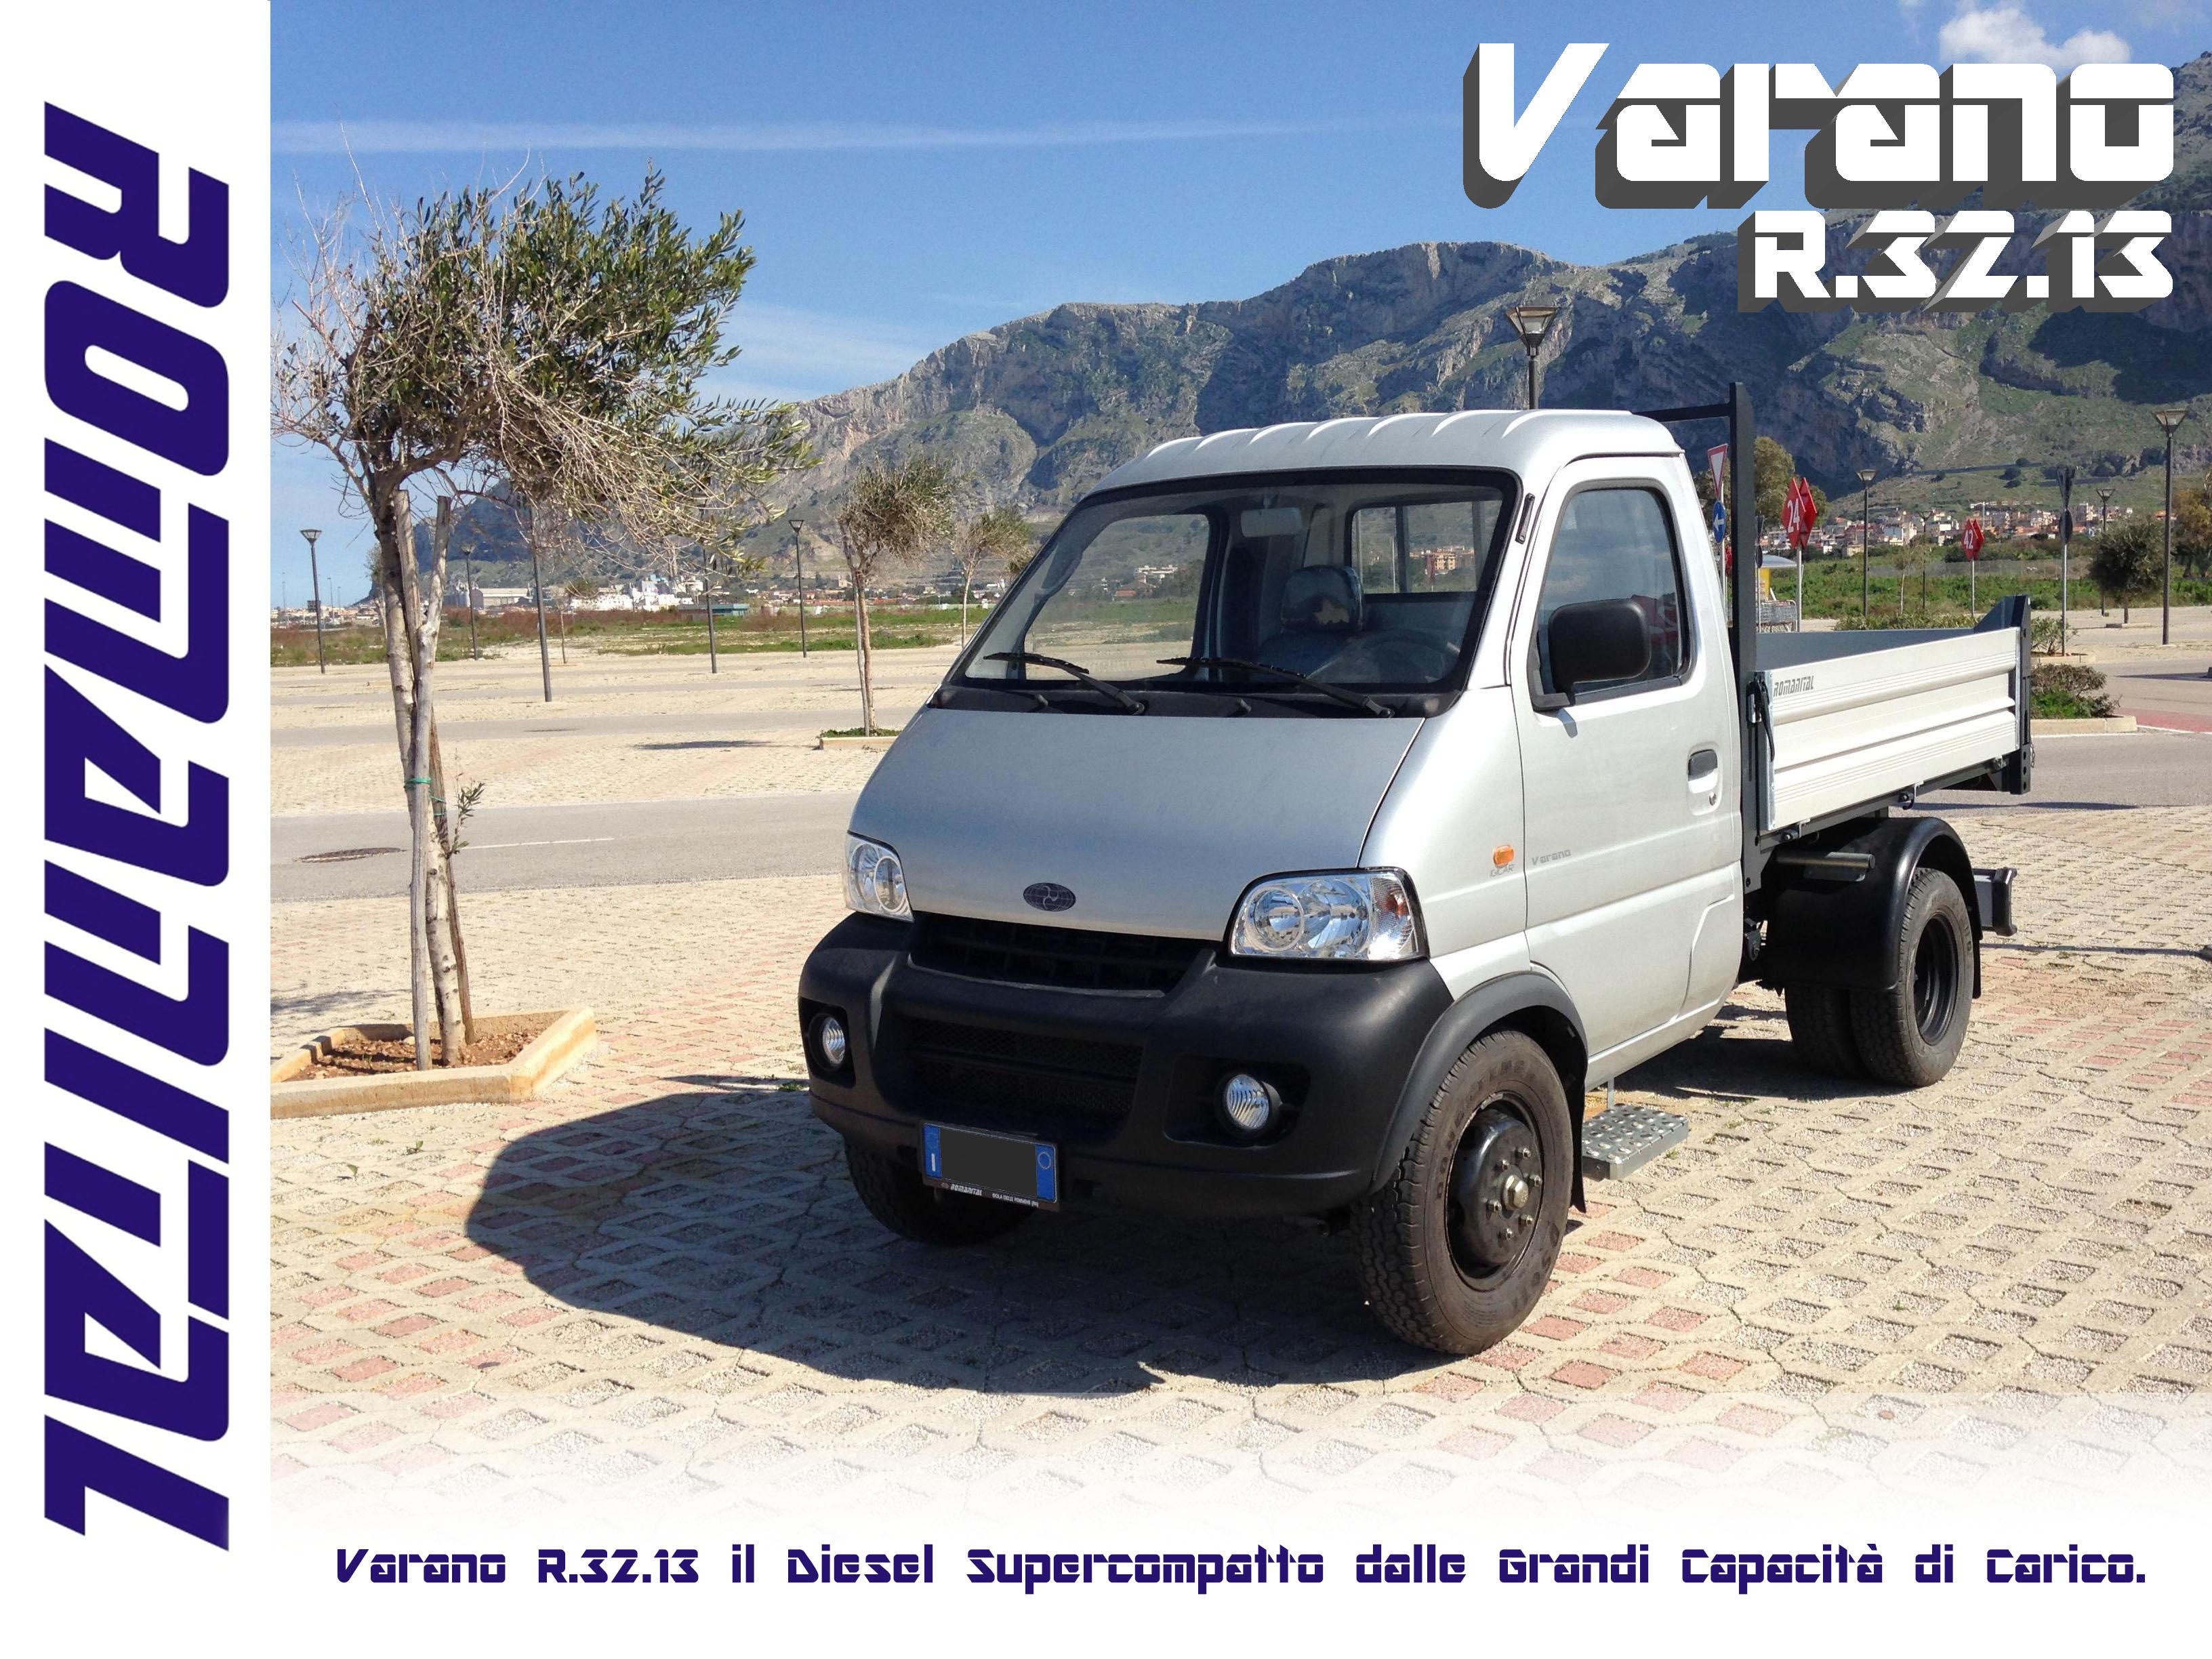 Varano R.32.13